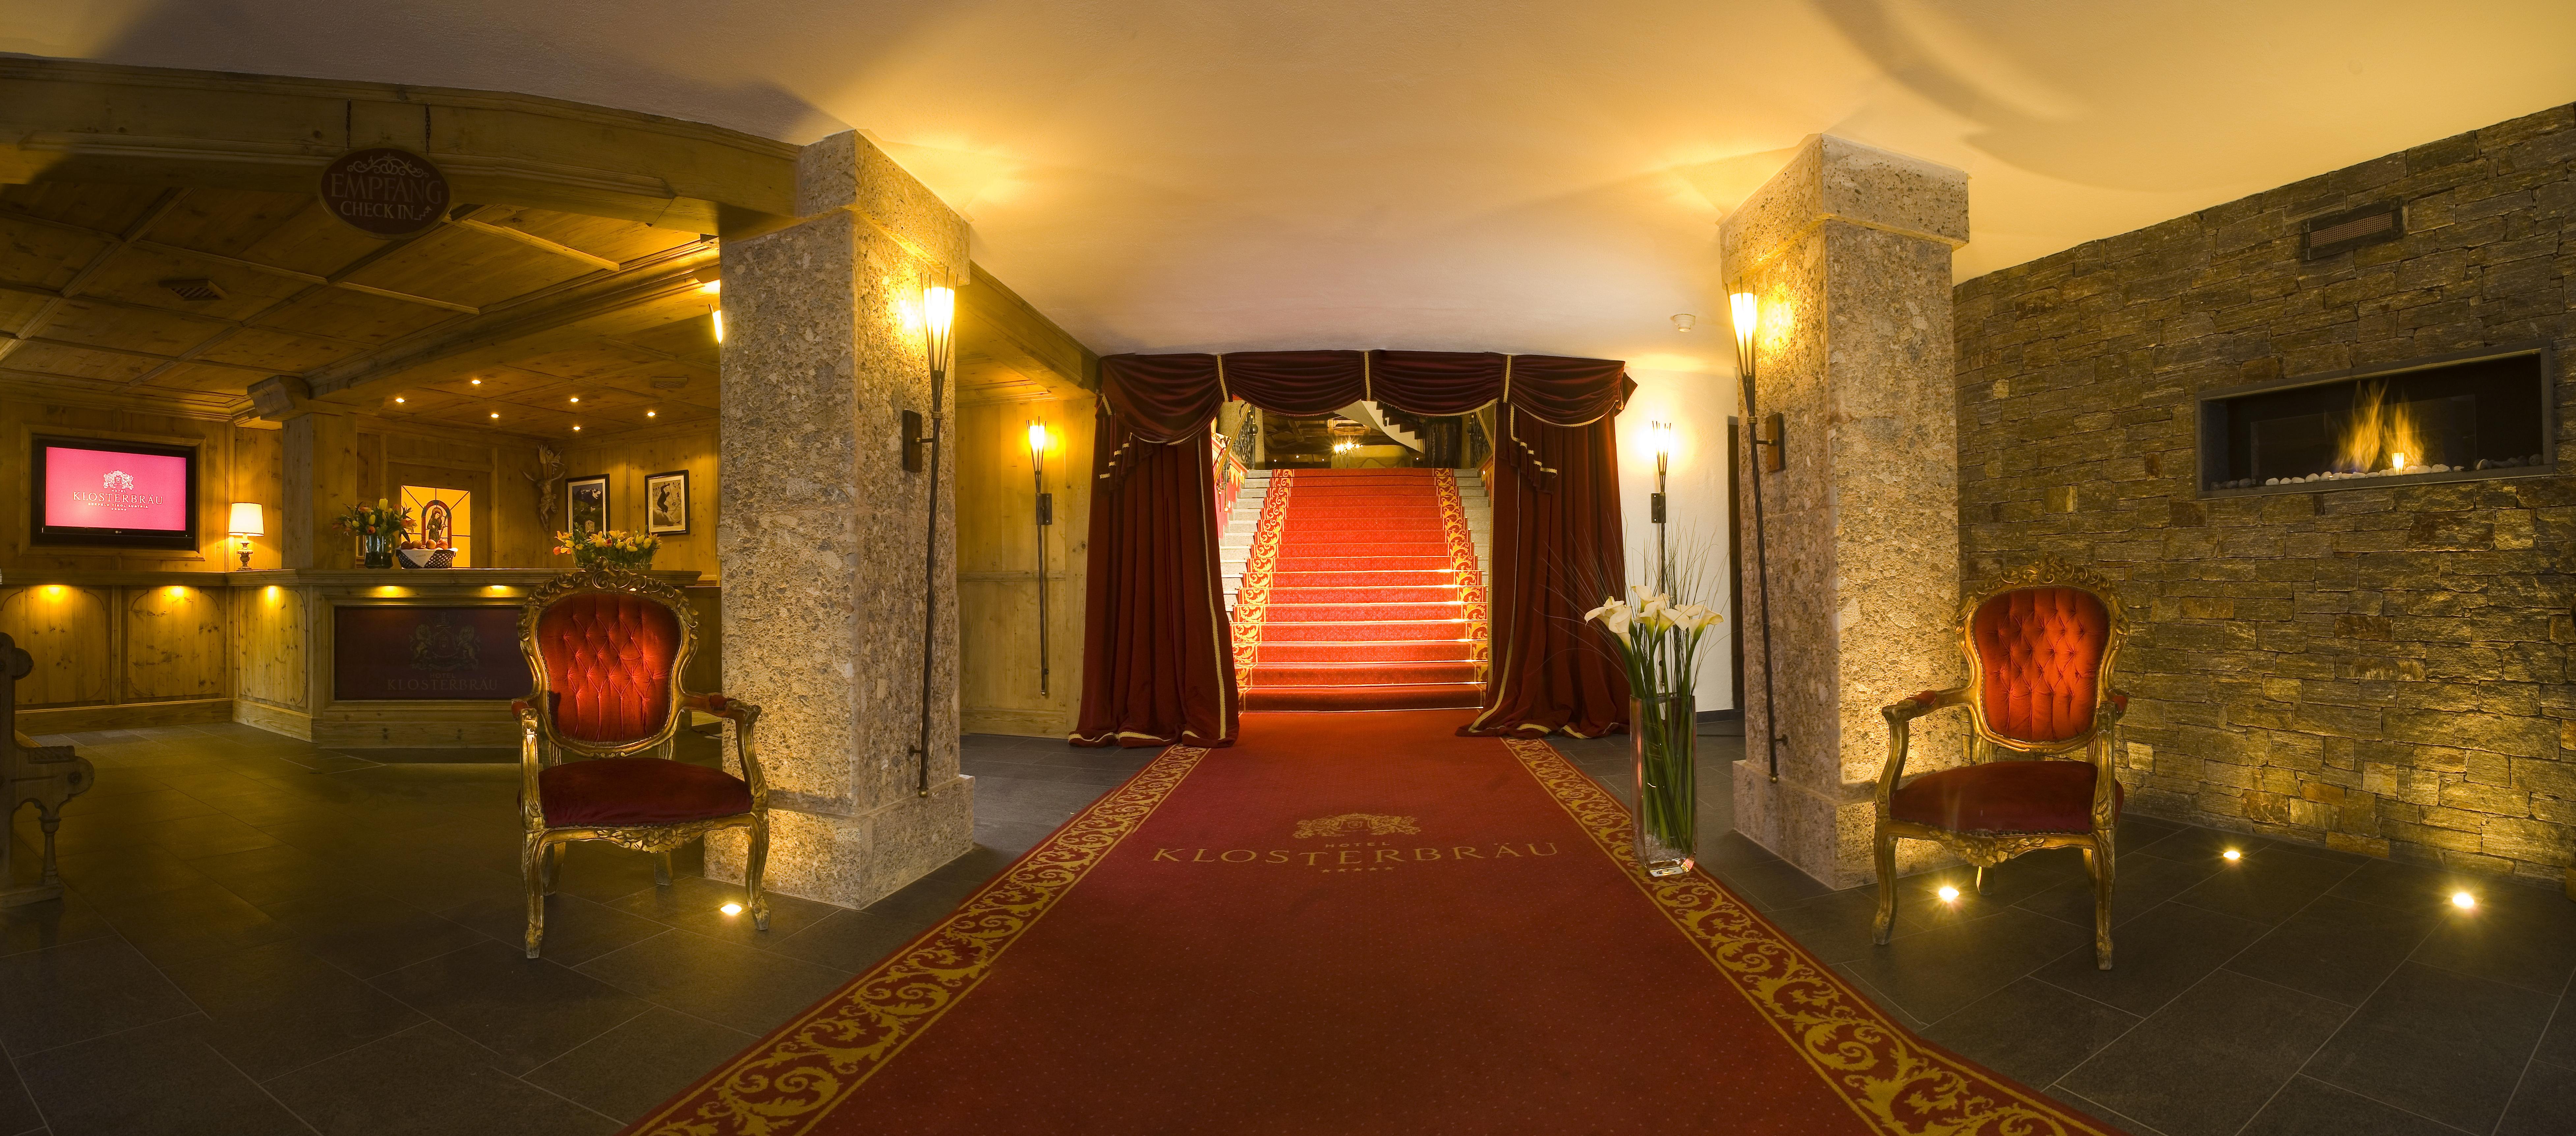 Klosterbräu Eingang